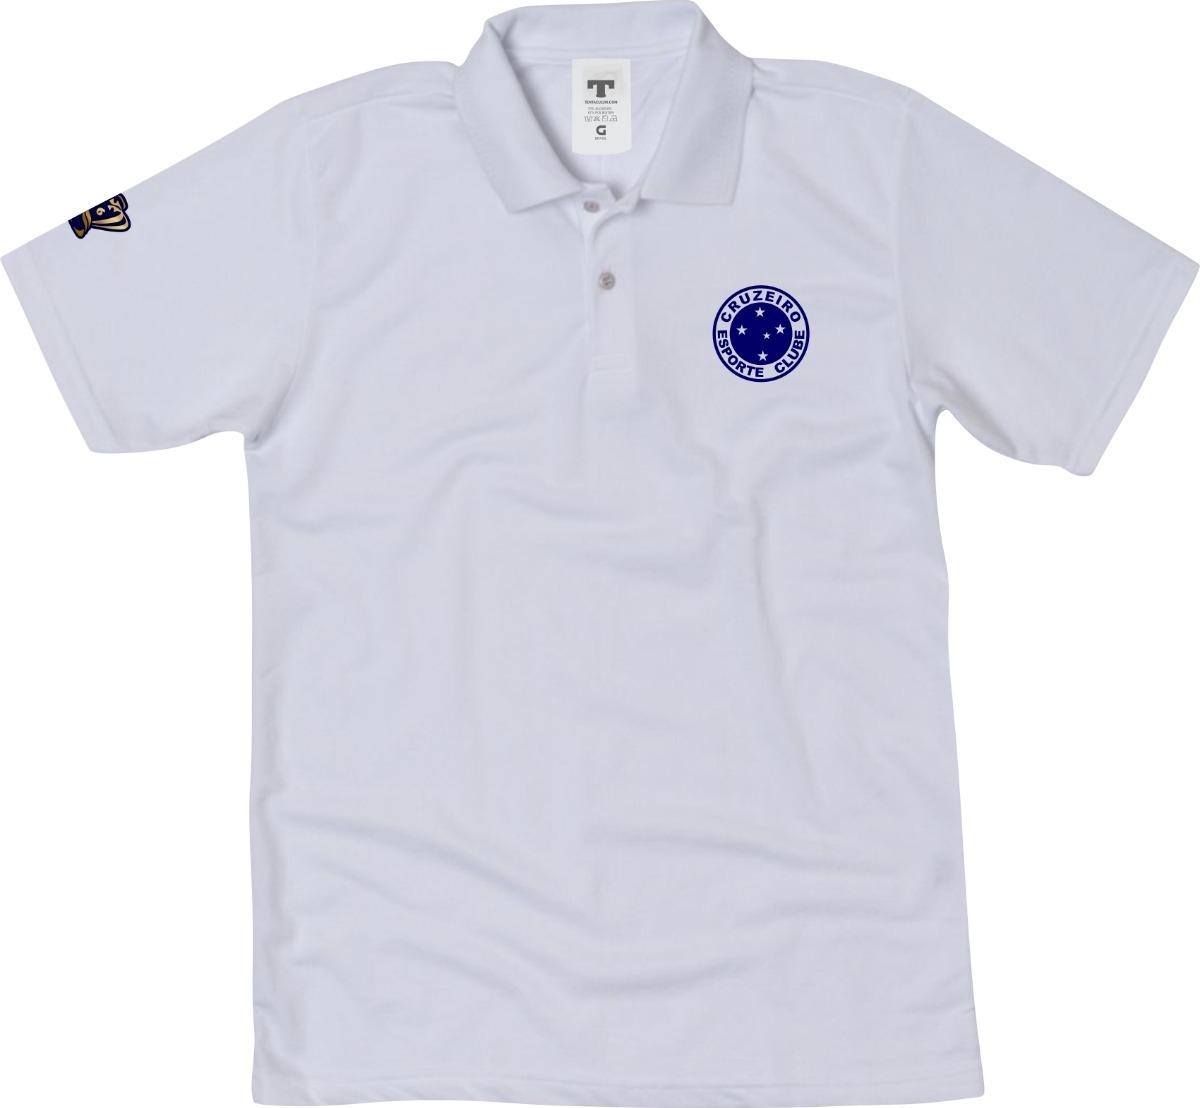 camisa polo cruzeiro azul ou branco blusa do cruzeiro polo. Carregando zoom. ff8ef1ca7ae4b